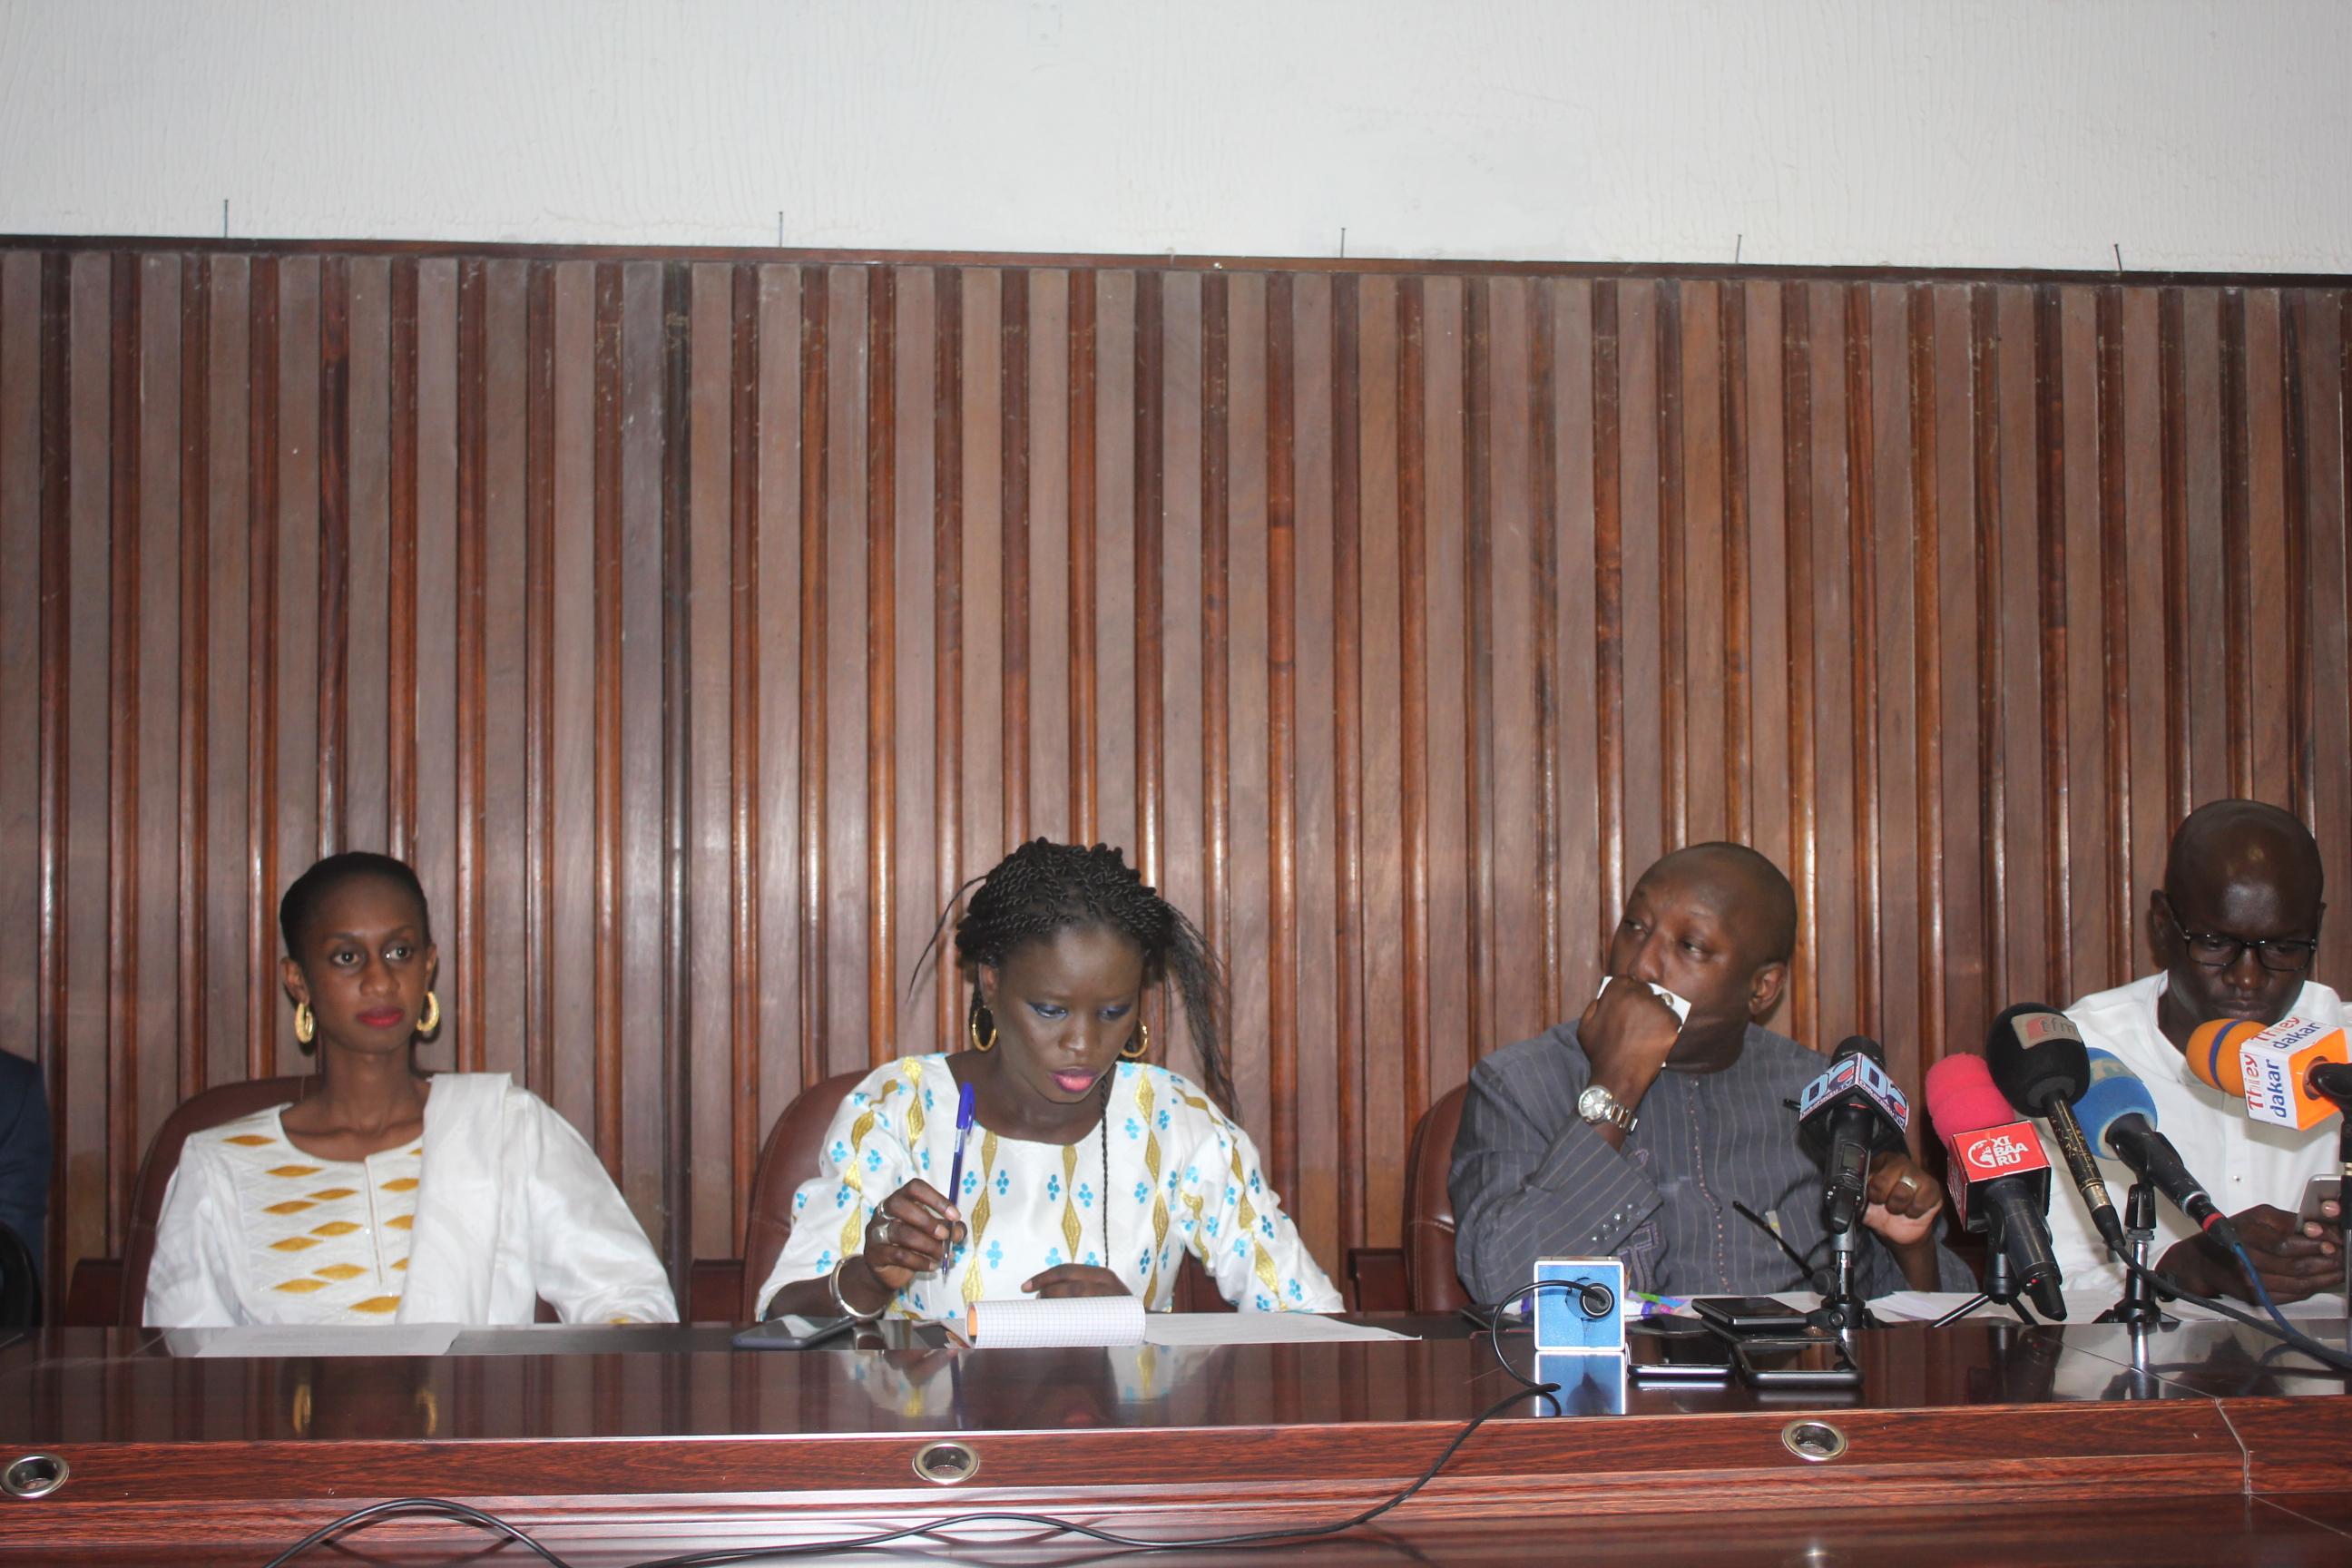 Le Parrainage : la coordination des jeunes de BBY vilipendent Idrissa seck